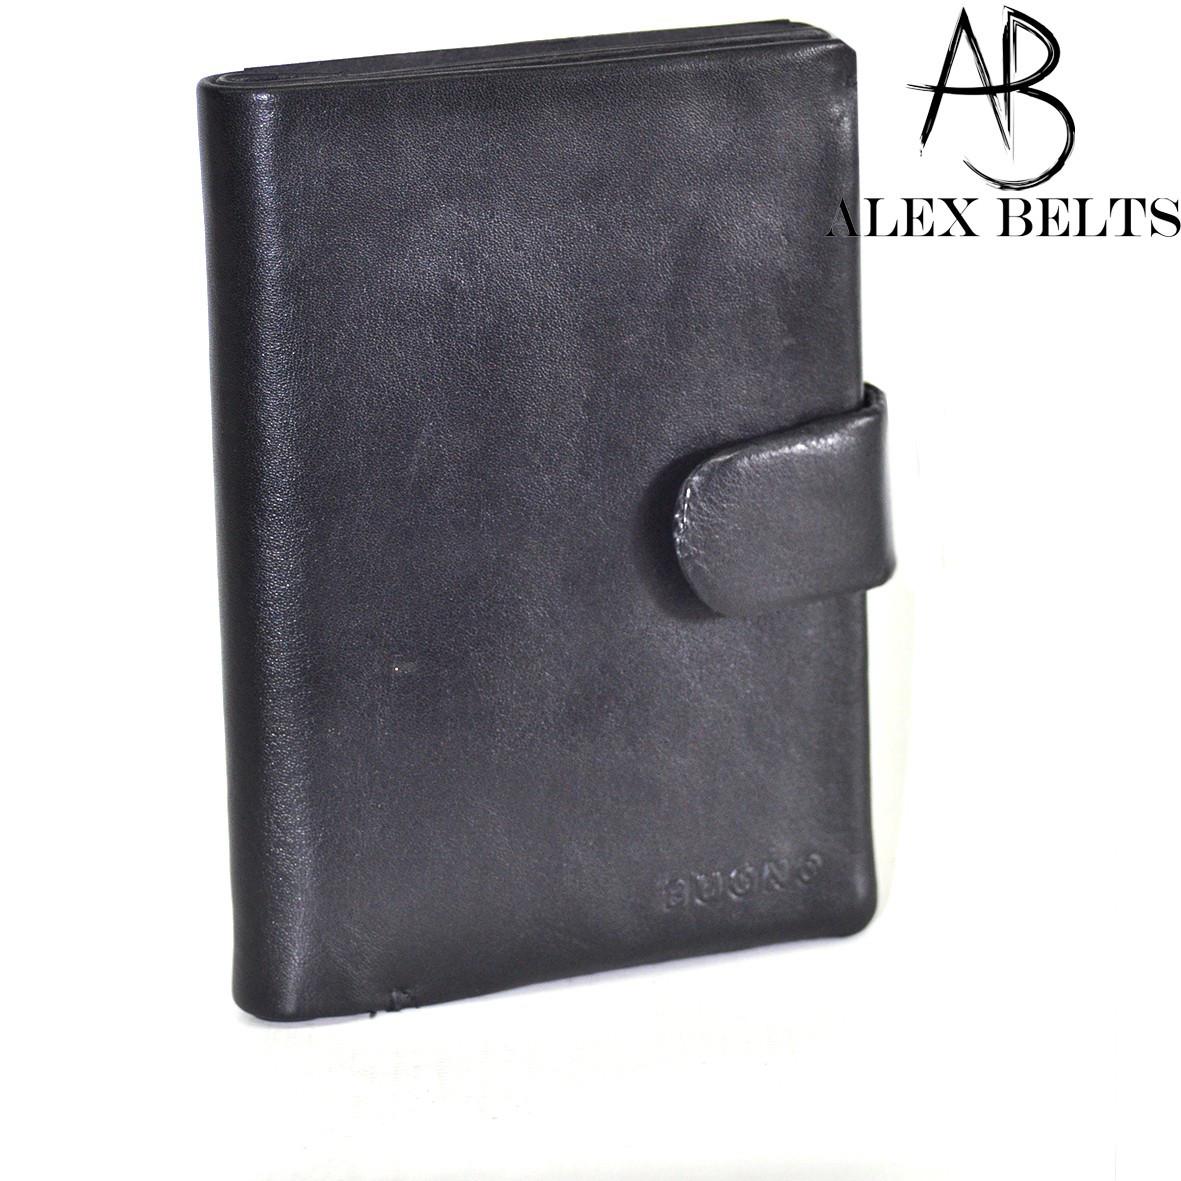 Обложка для паспорта и авто документов  (черная) кожа-купить оптом в одессе